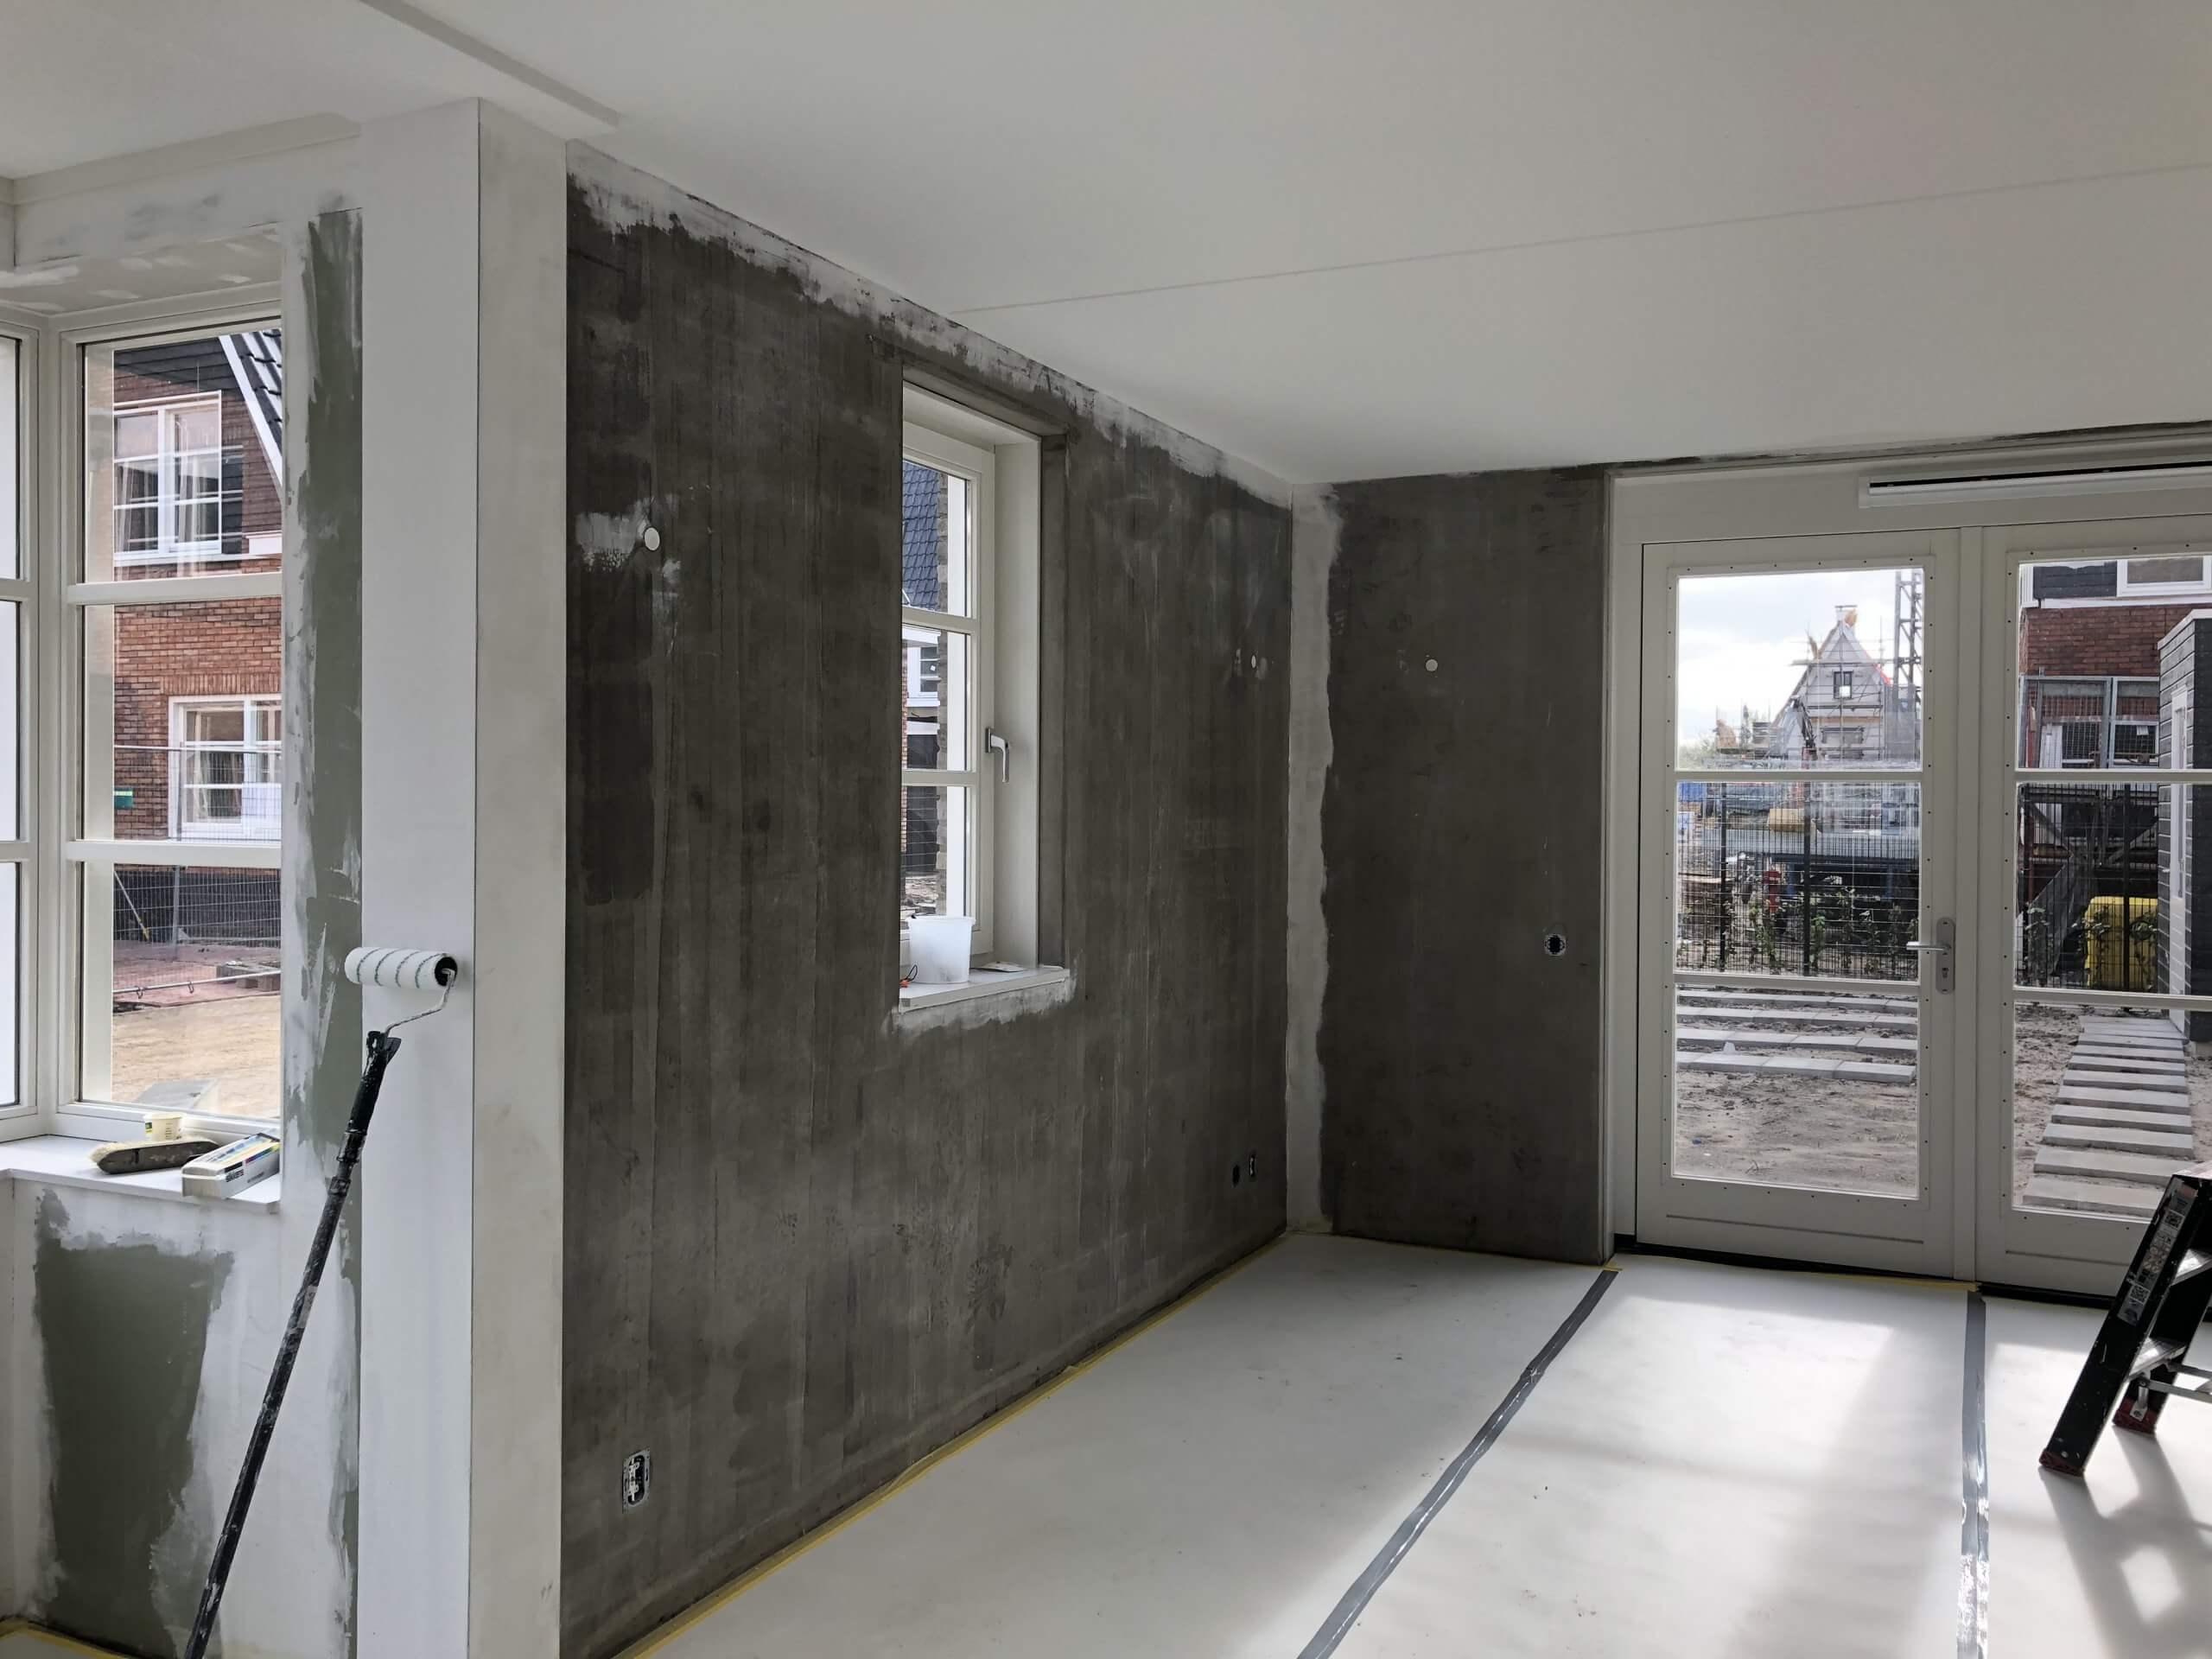 Binnenschilderwerk Nieuwbouw Renovlies Wanden Alphen aan den rijn